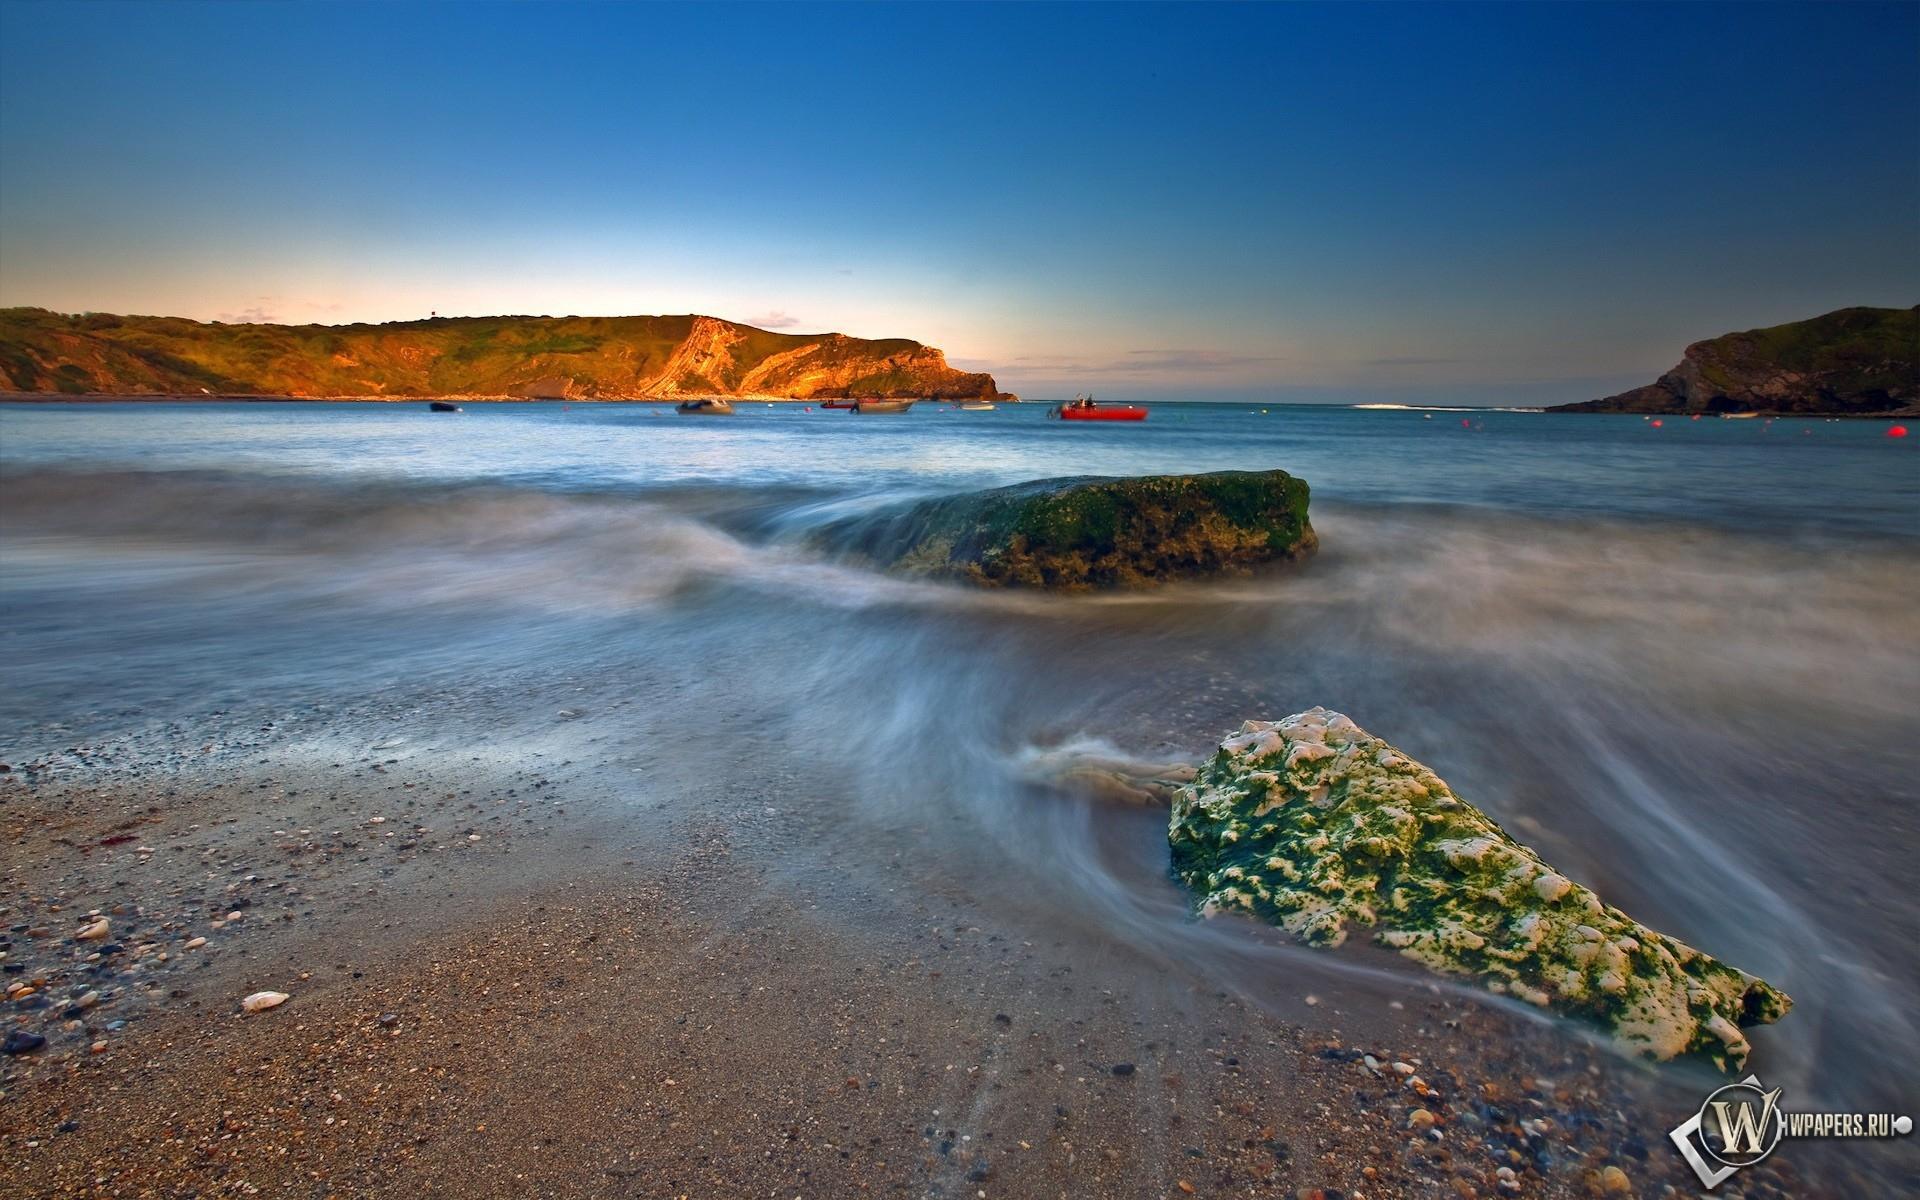 Каменистый берег 1920x1200